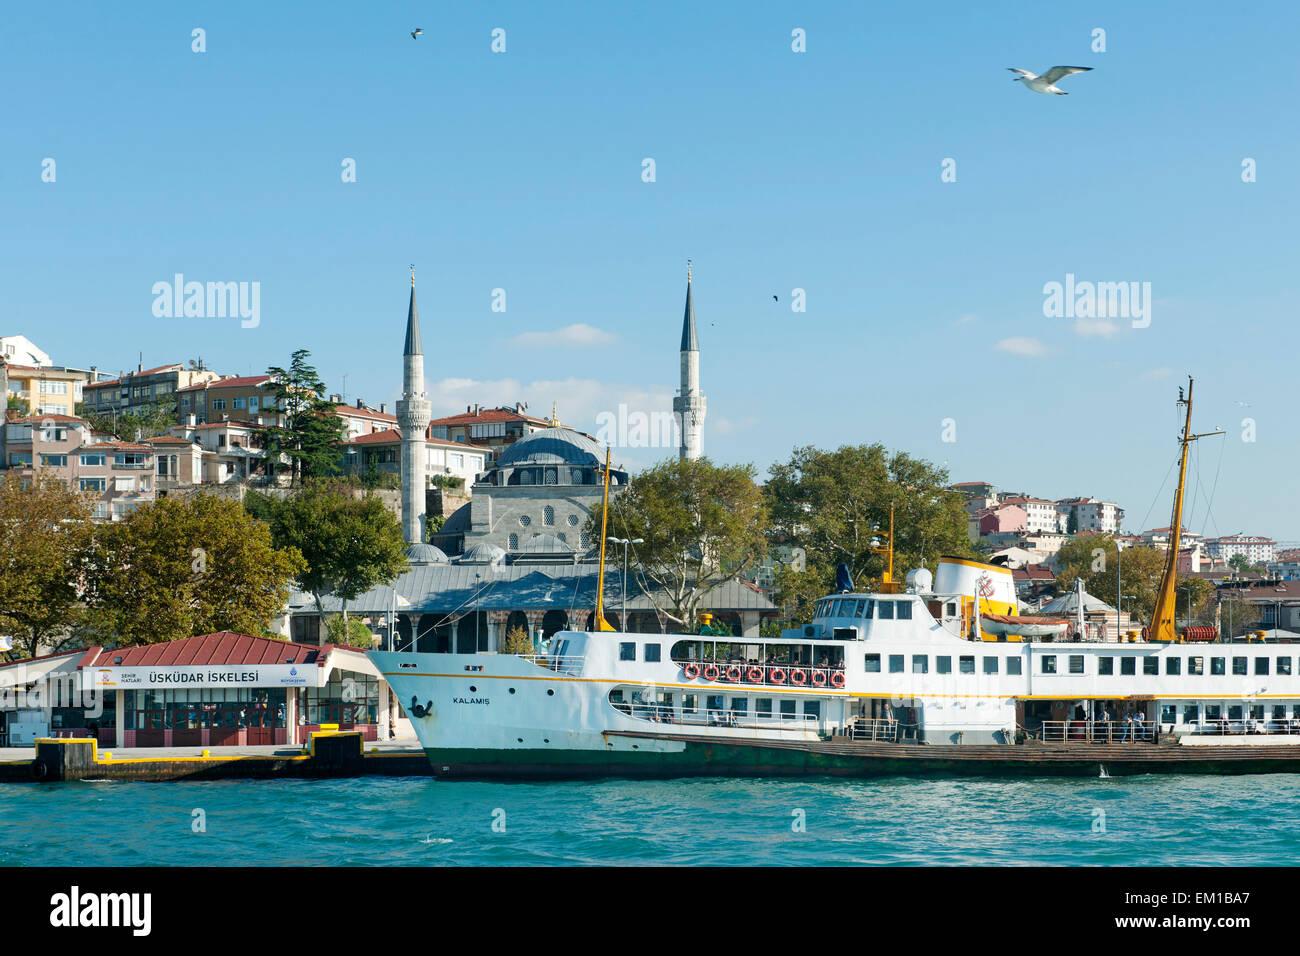 Türkei, Istanbul, Üsküdar, Fähranleger (Iskele), dahinter die Mihrimah Sultan Camii (Iskele - Stock Image